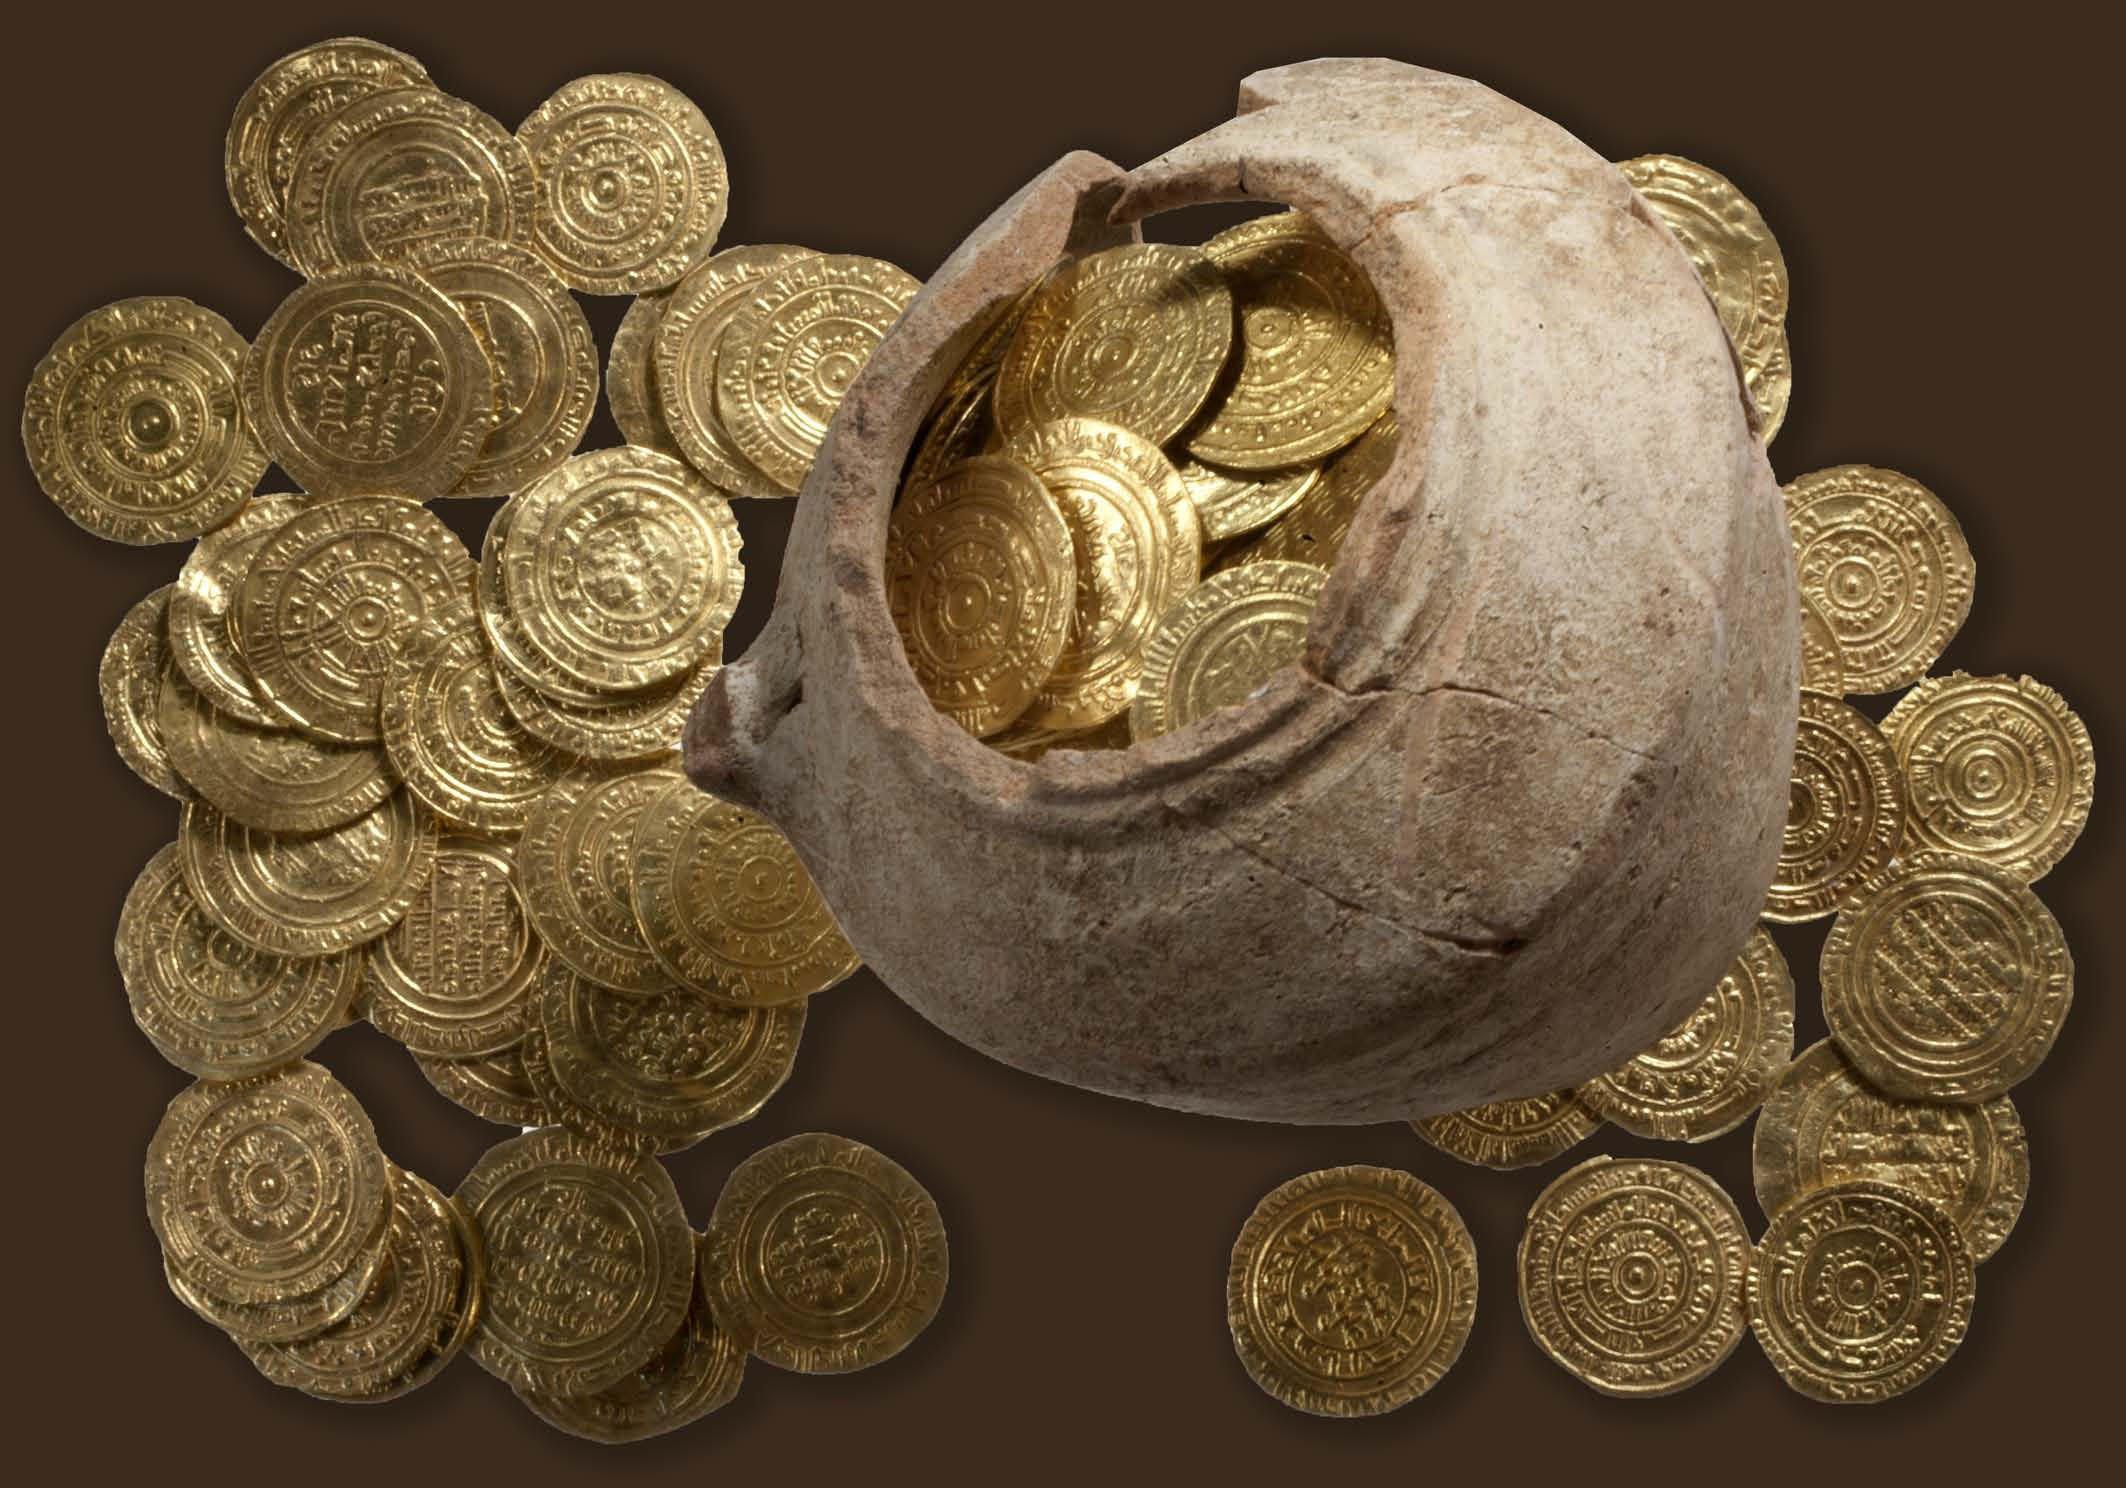 многочисленным пластическим кувшин с золотыми монетами фото рады если